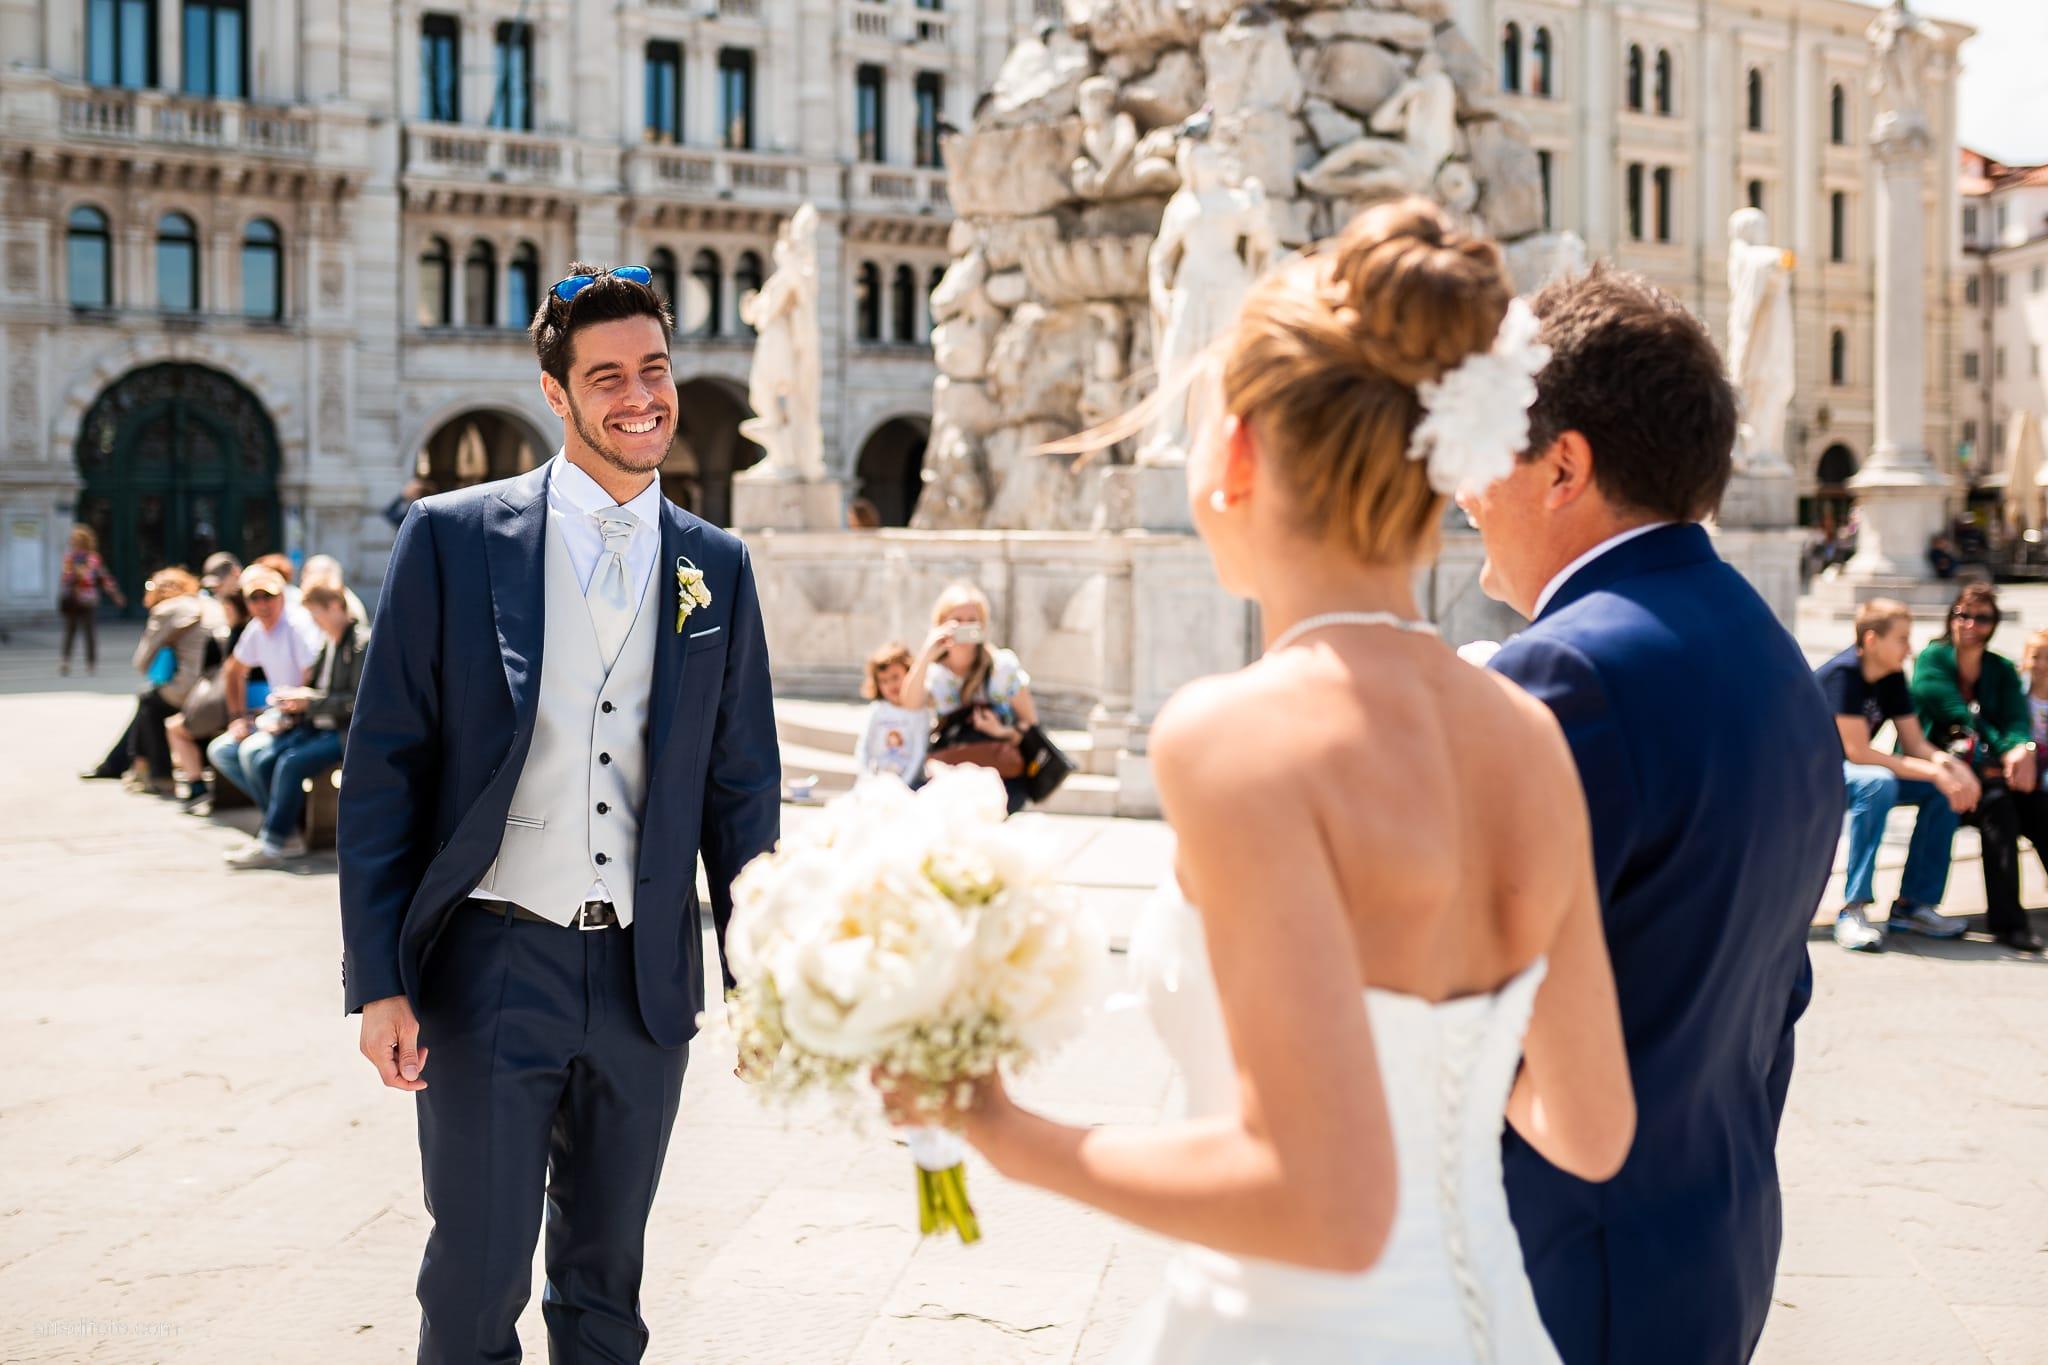 Giulia Paolo Matrimonio Trieste Villa Iachia Ruda Udine cerimonia civile Piazza Unità arrivo sposa